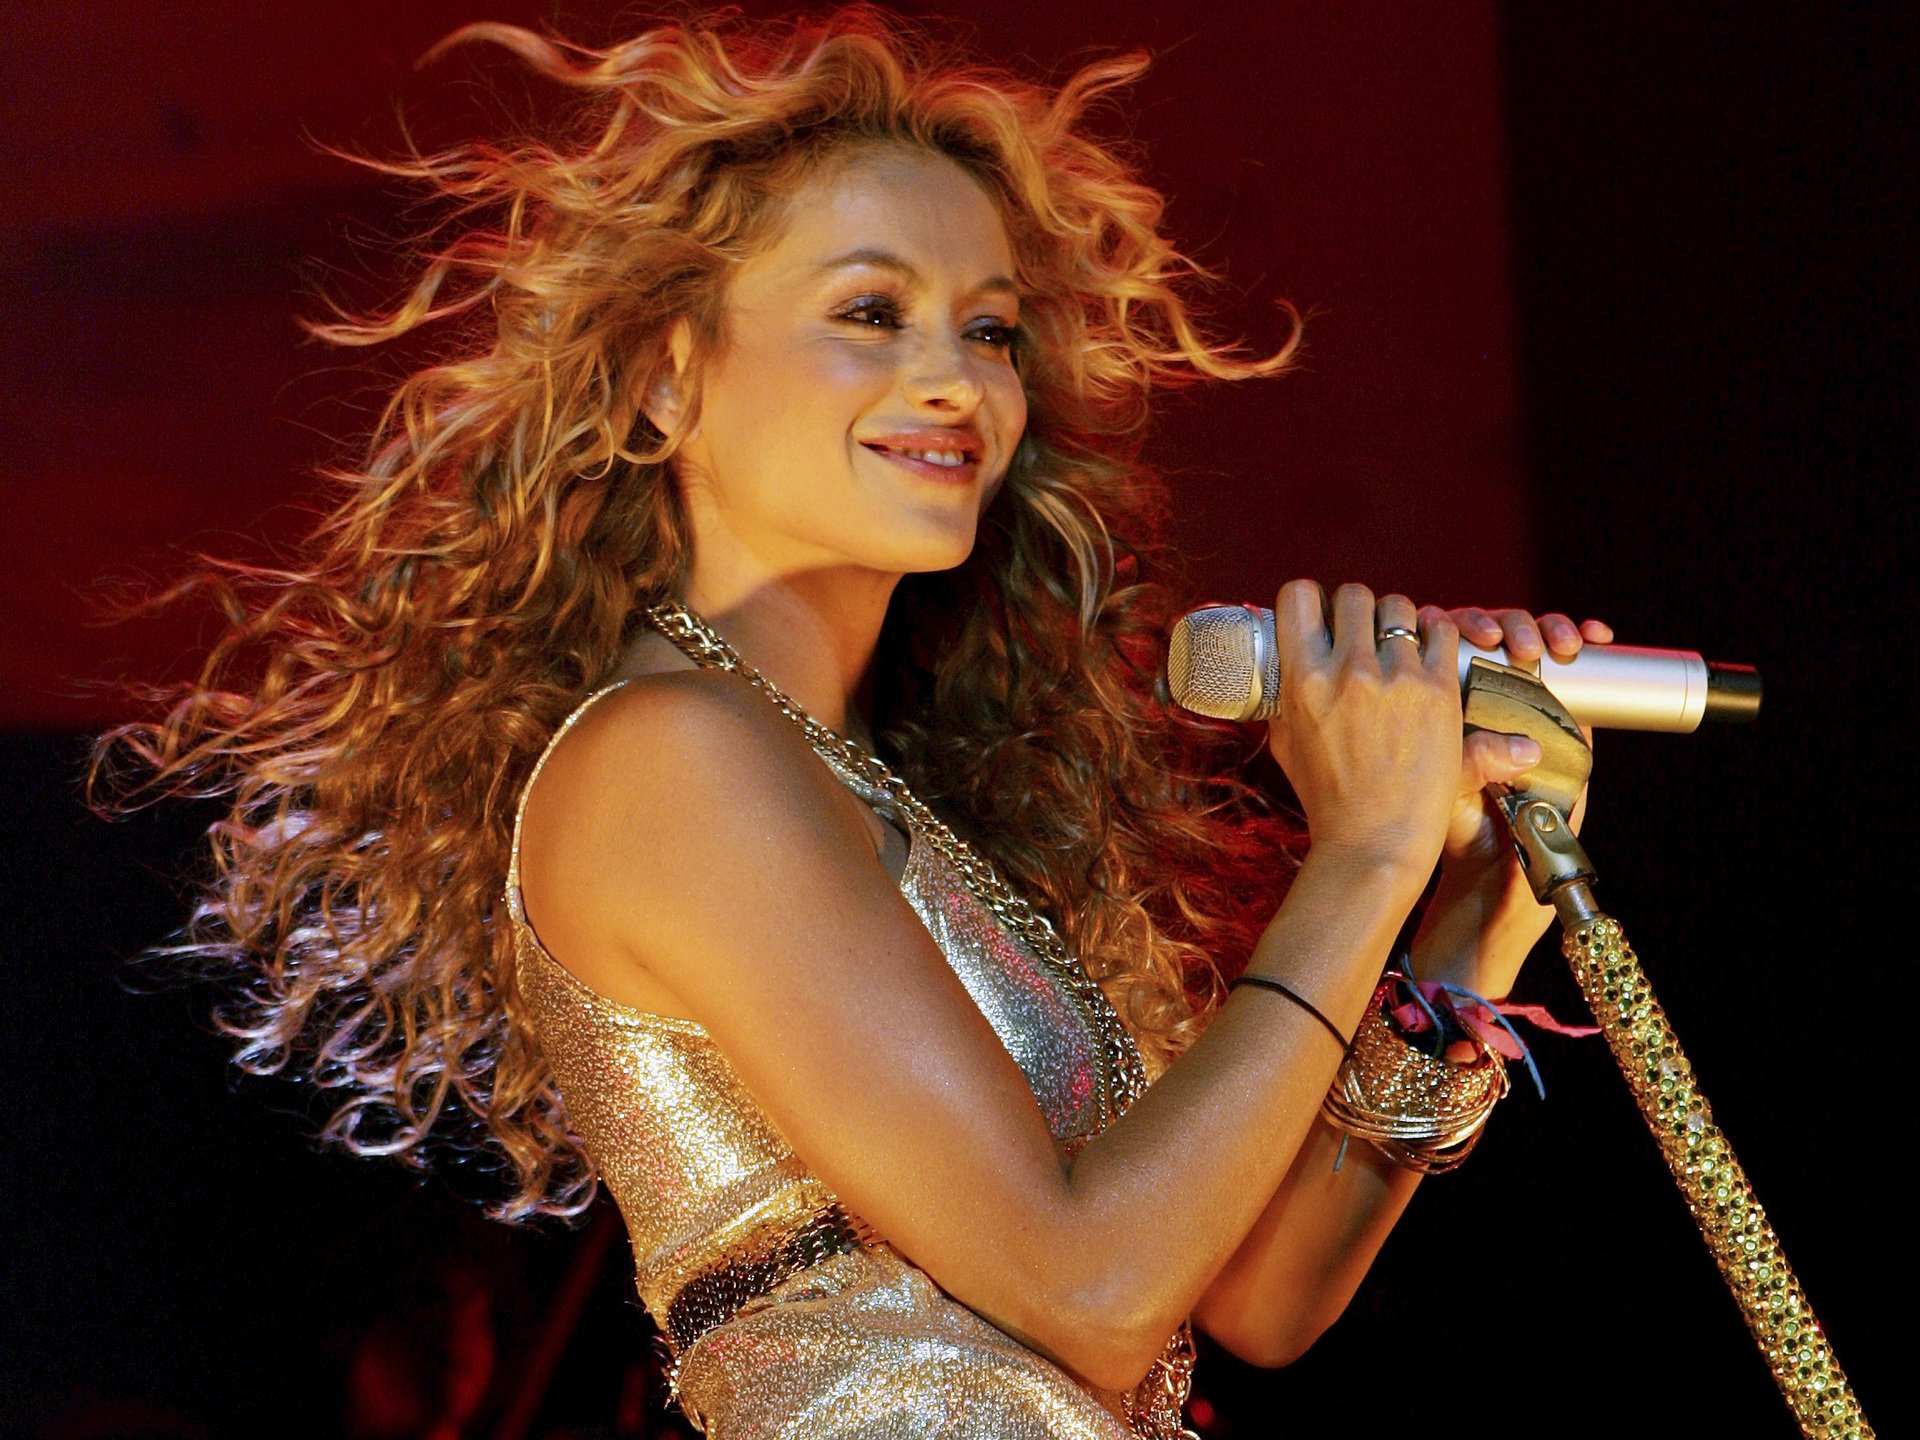 La brutal caída de Paulina Rubio en pleno concierto